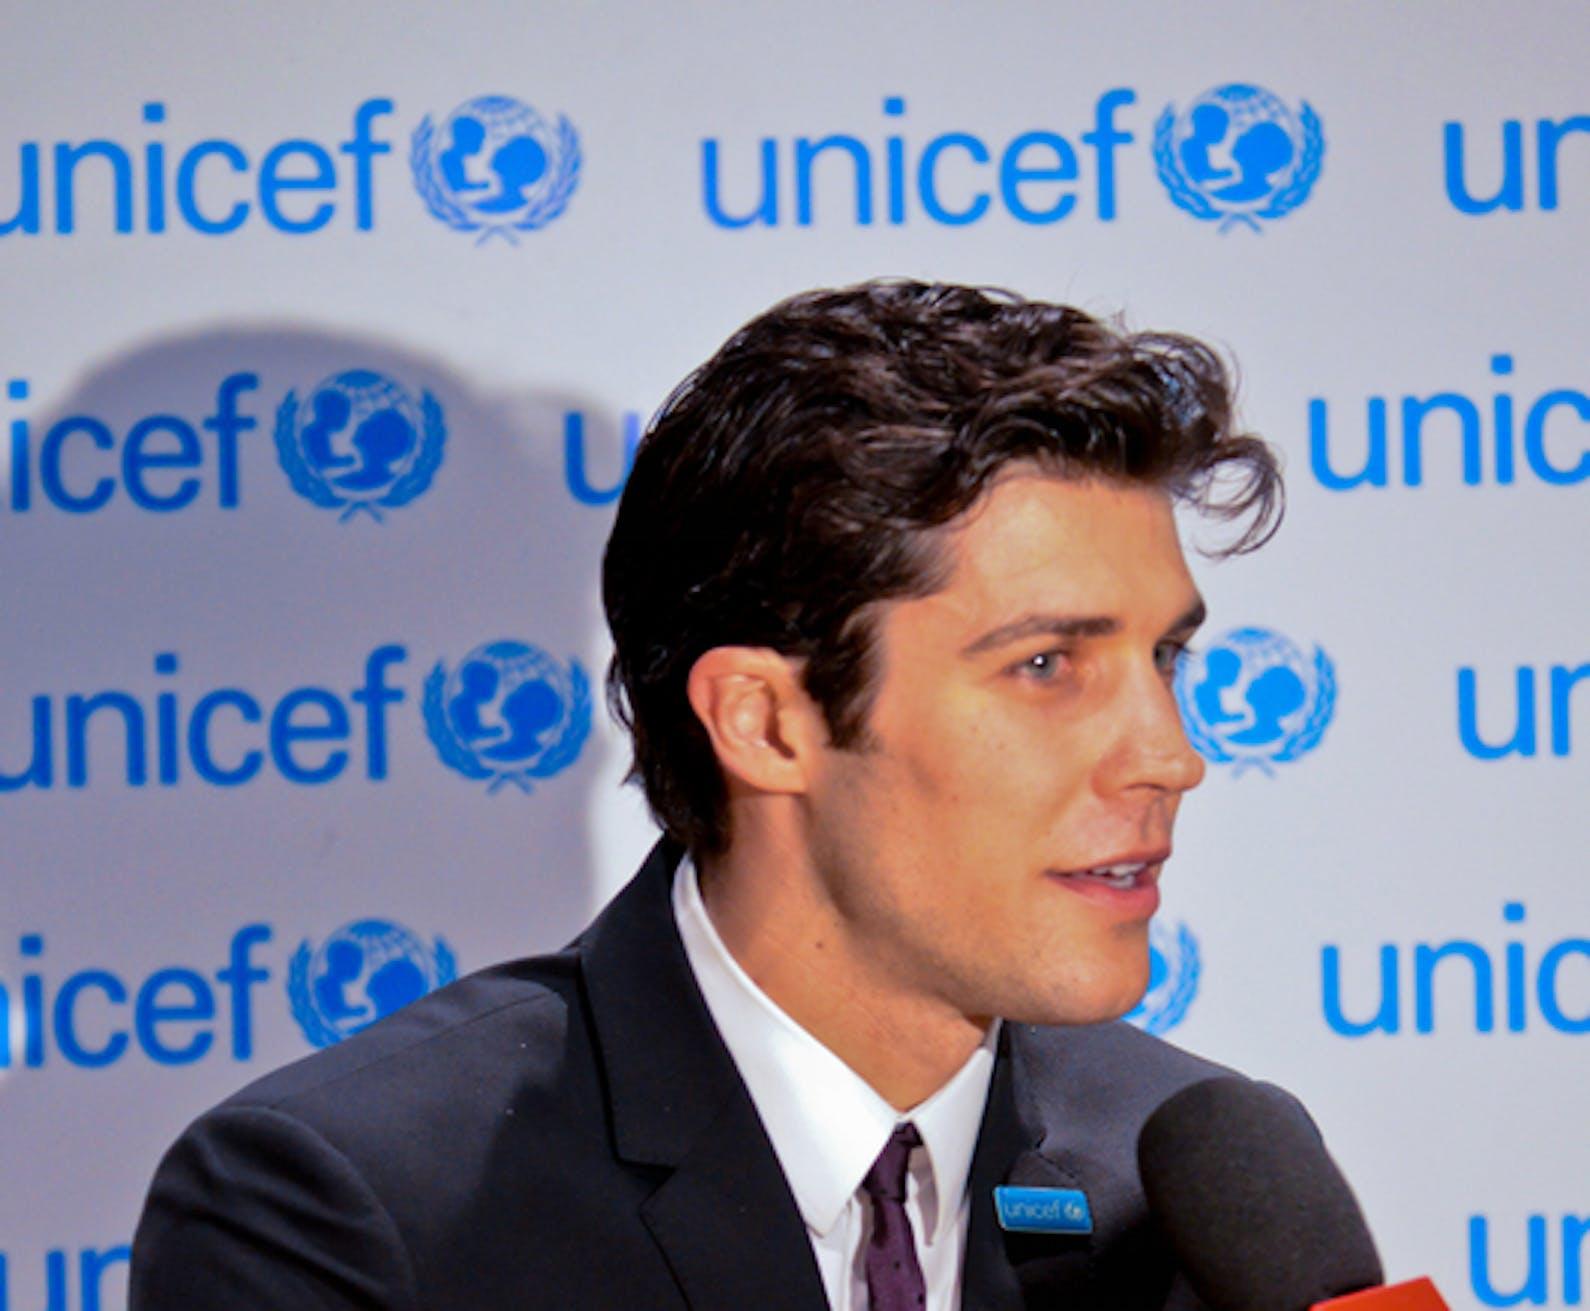 Roberto Bolle intervistato durante la cerimonia di varo della MSC Preziosa - ©UNICEF Italia/2013/Antonio Santamaria